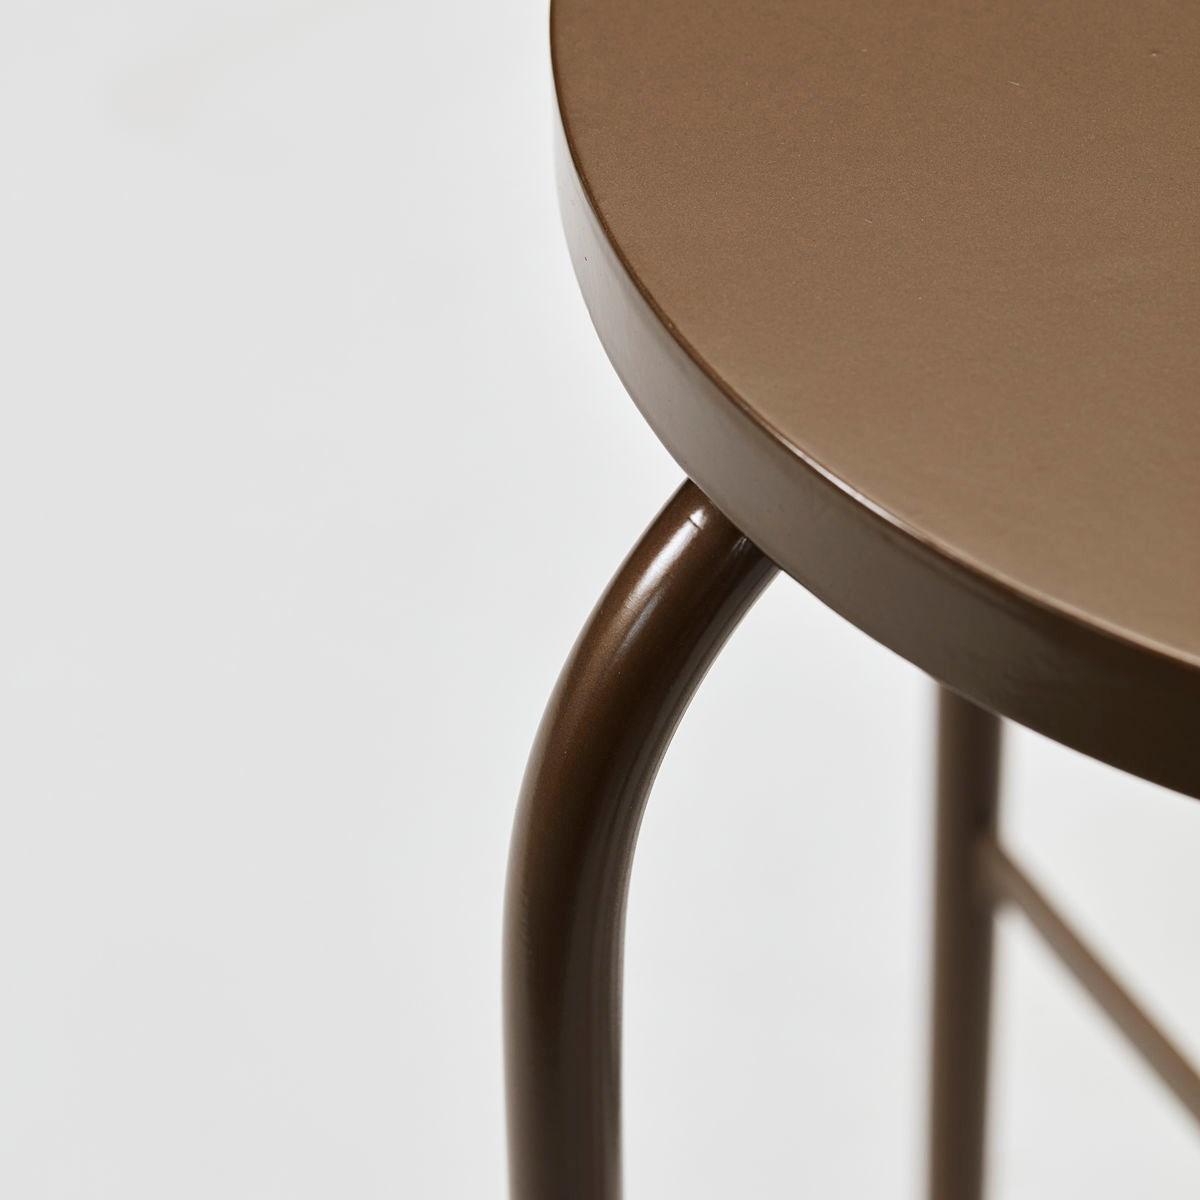 Kovová stolička SHAKER zlatohnědá_2